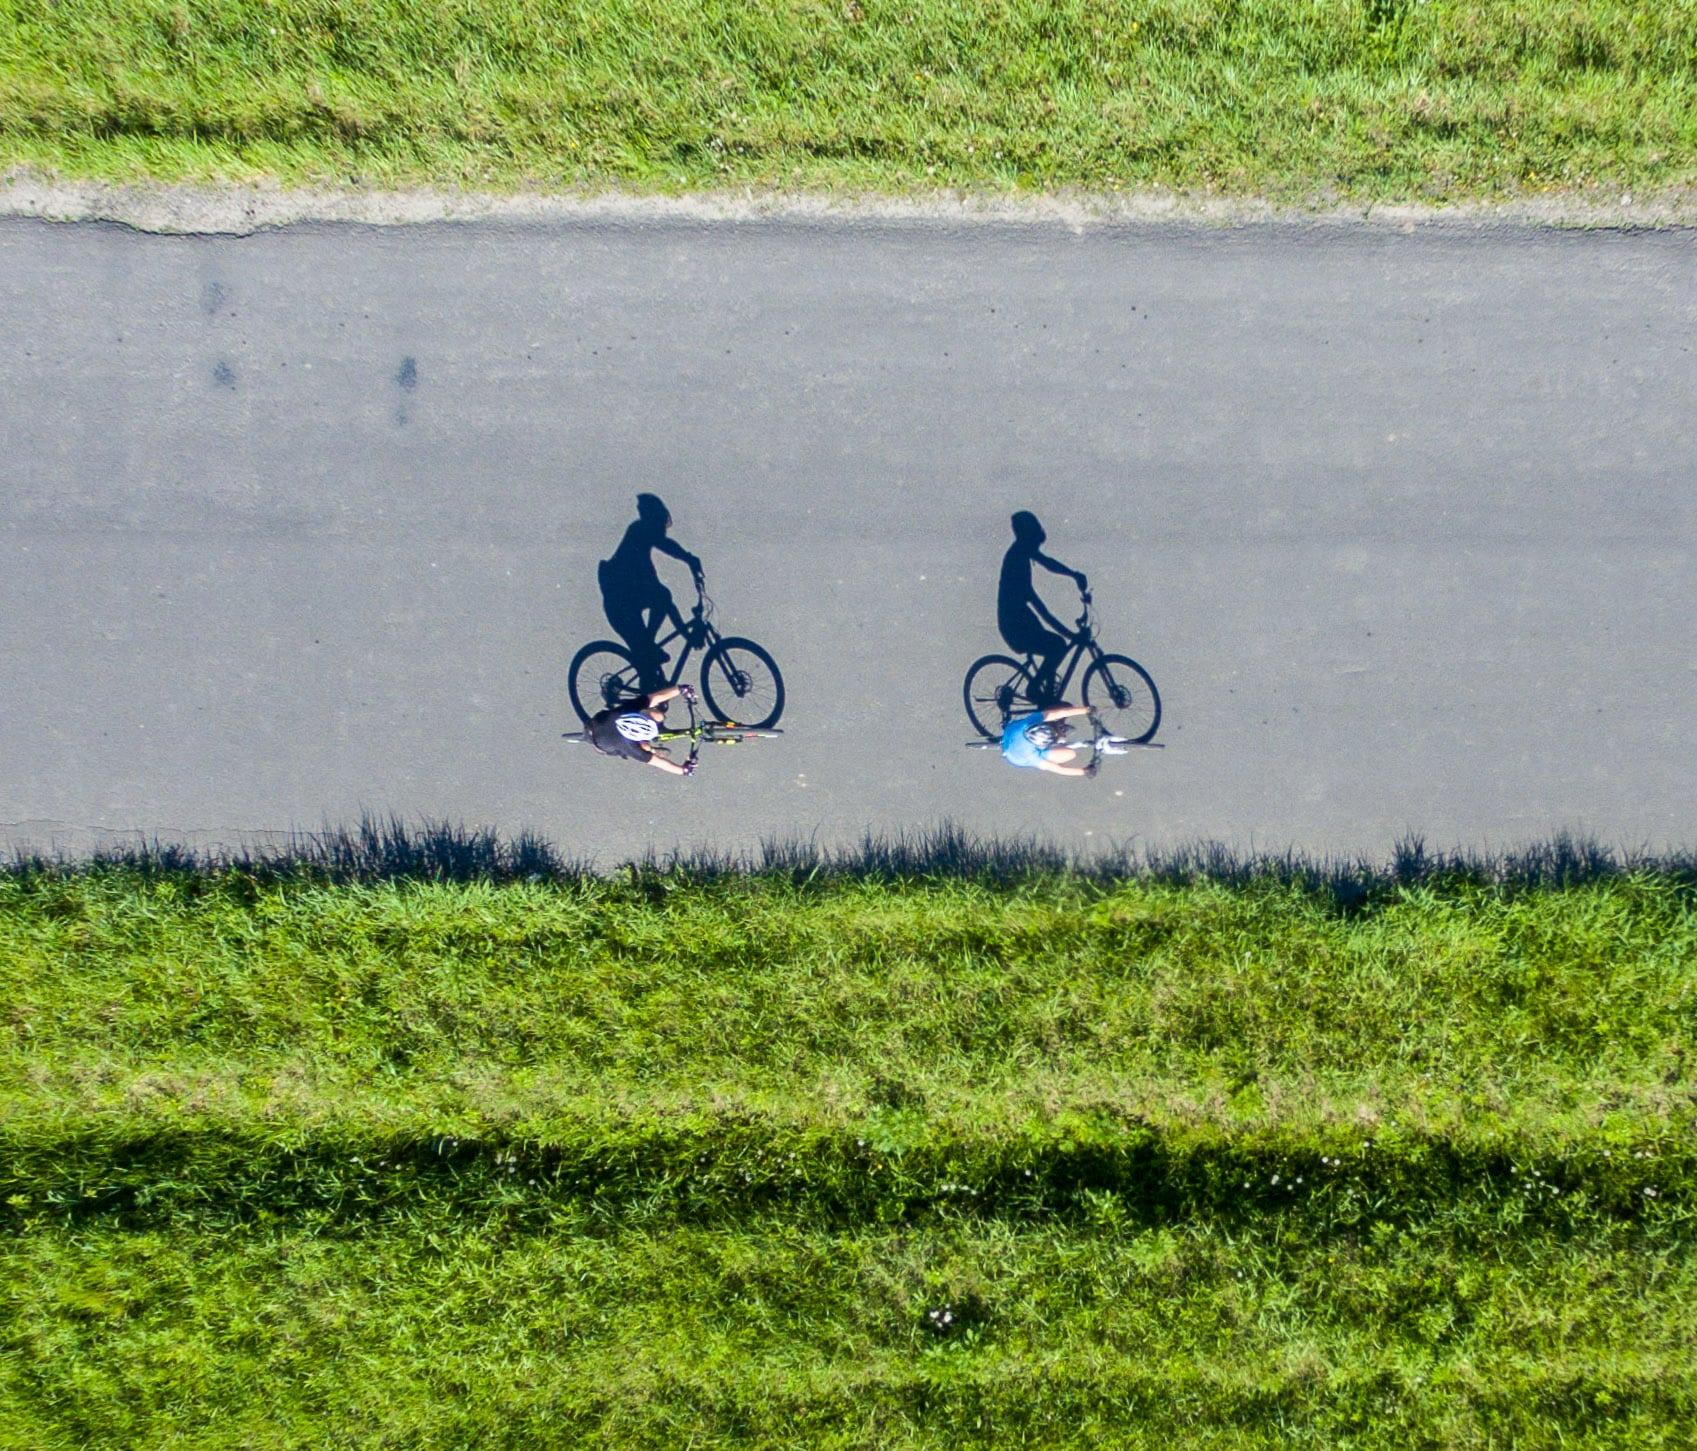 Rowerzyści z drona